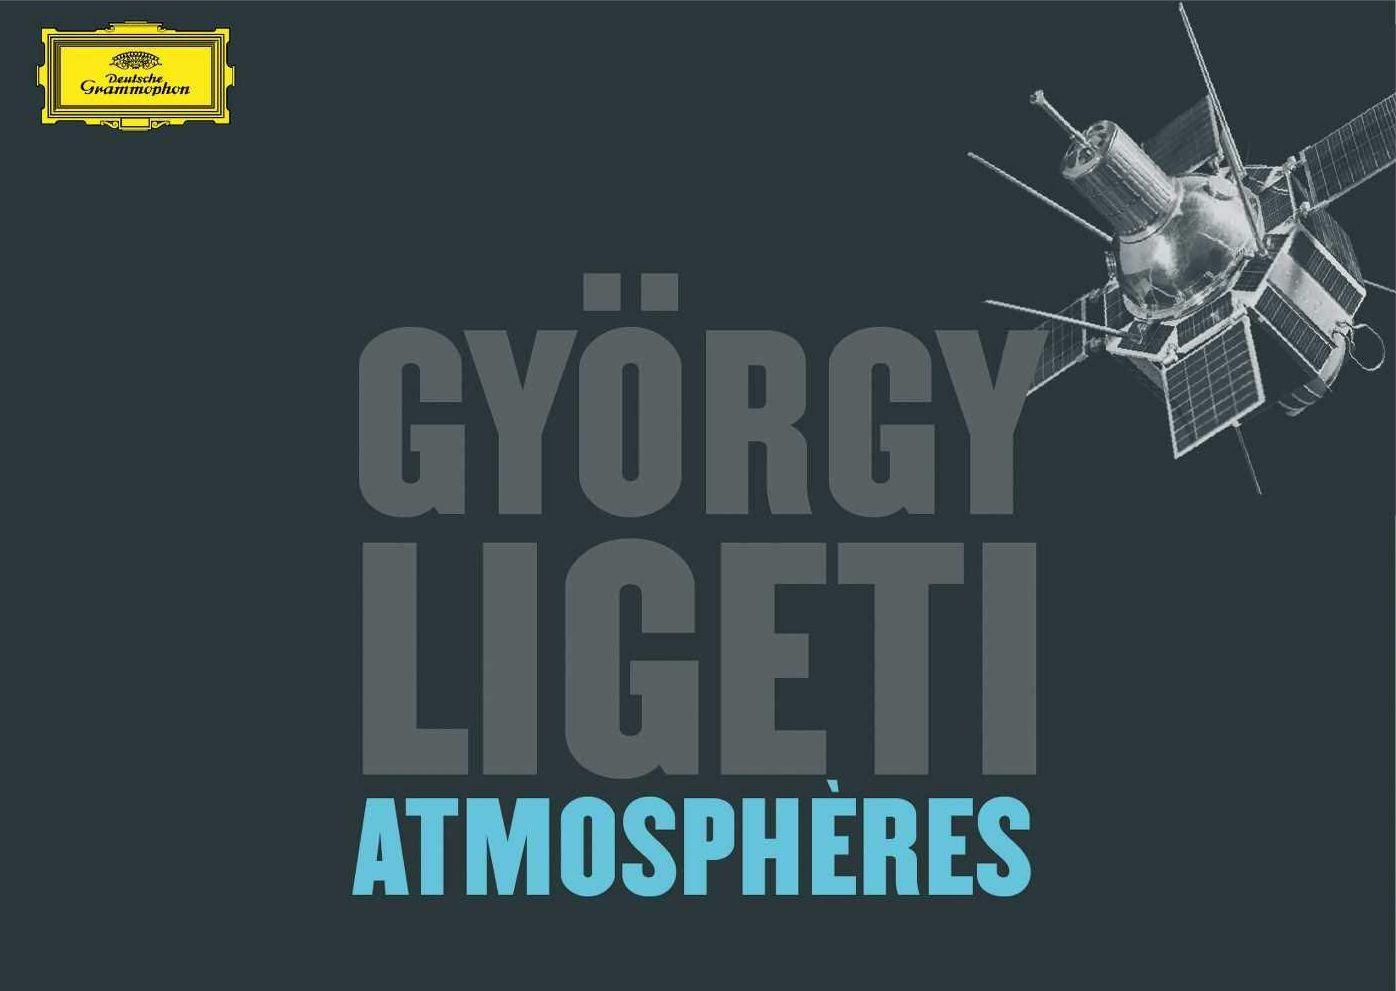 AtmospheresЛигети